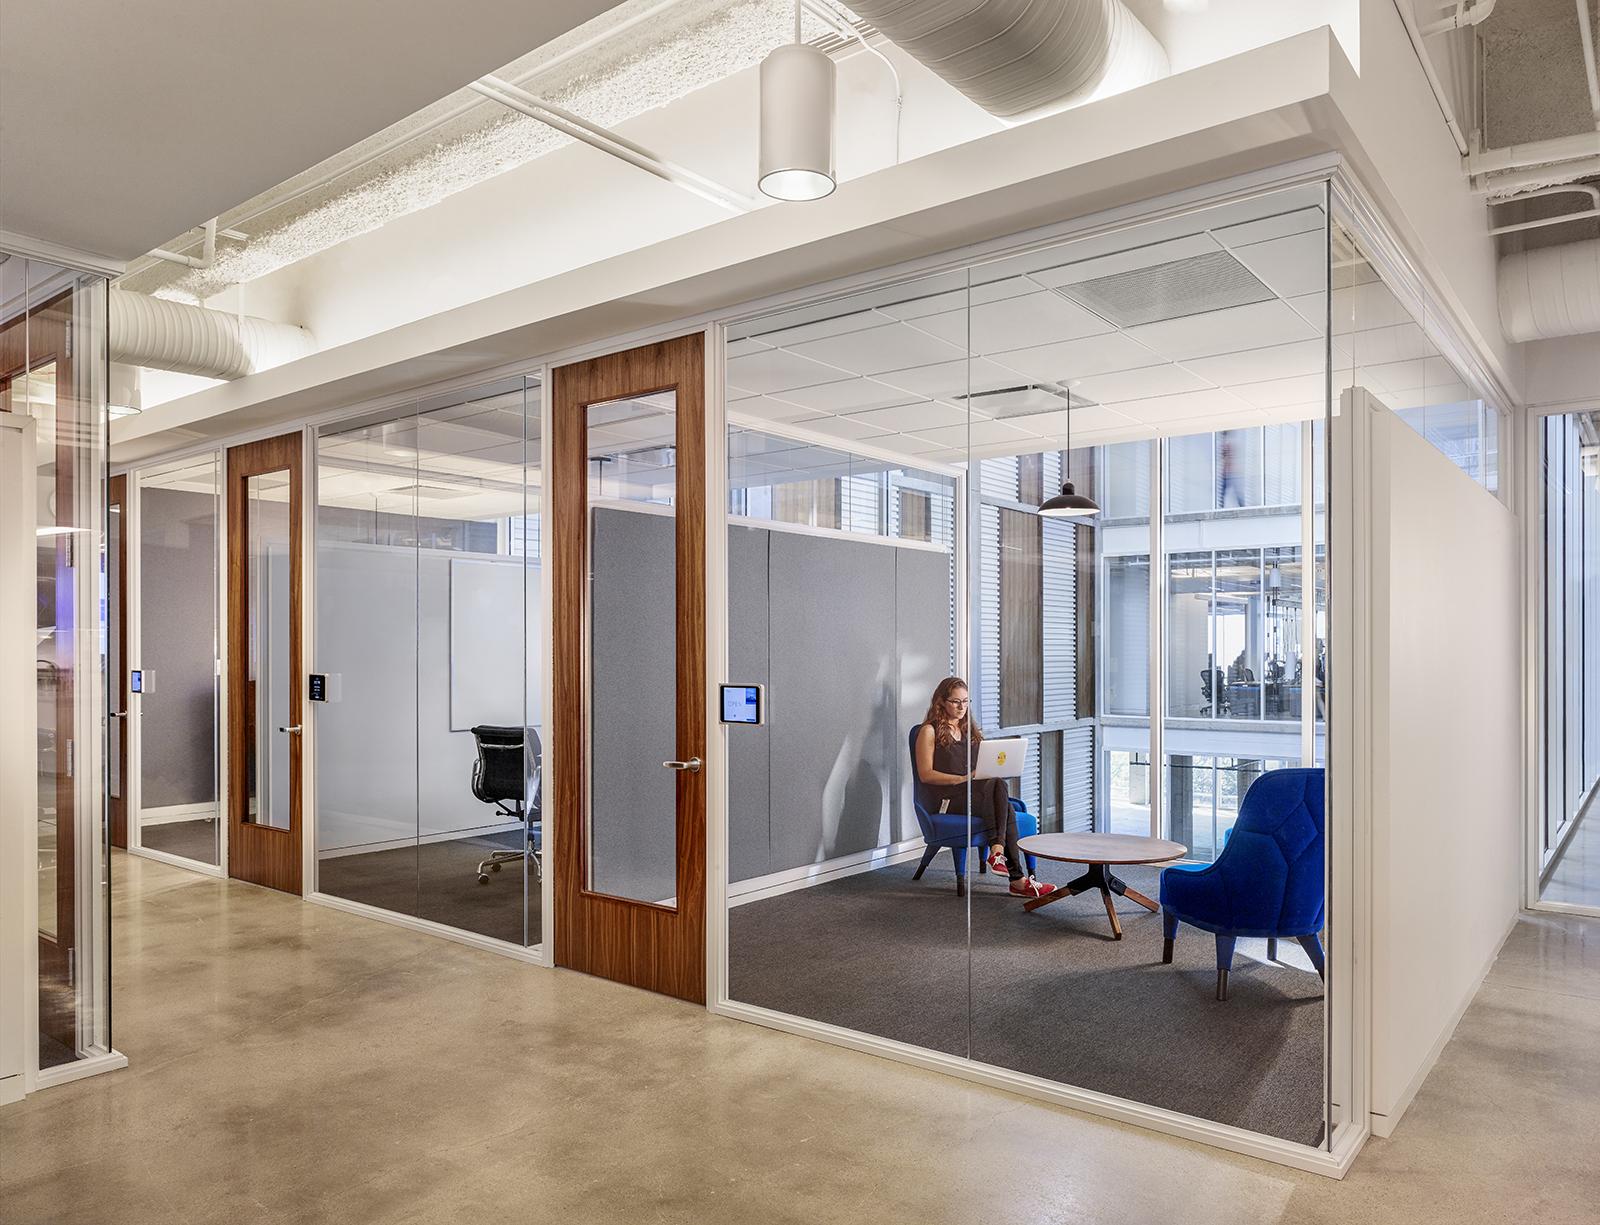 dropbox seattle office mt. Offices Openarea77314 Dropbox Seattle Office Mt N